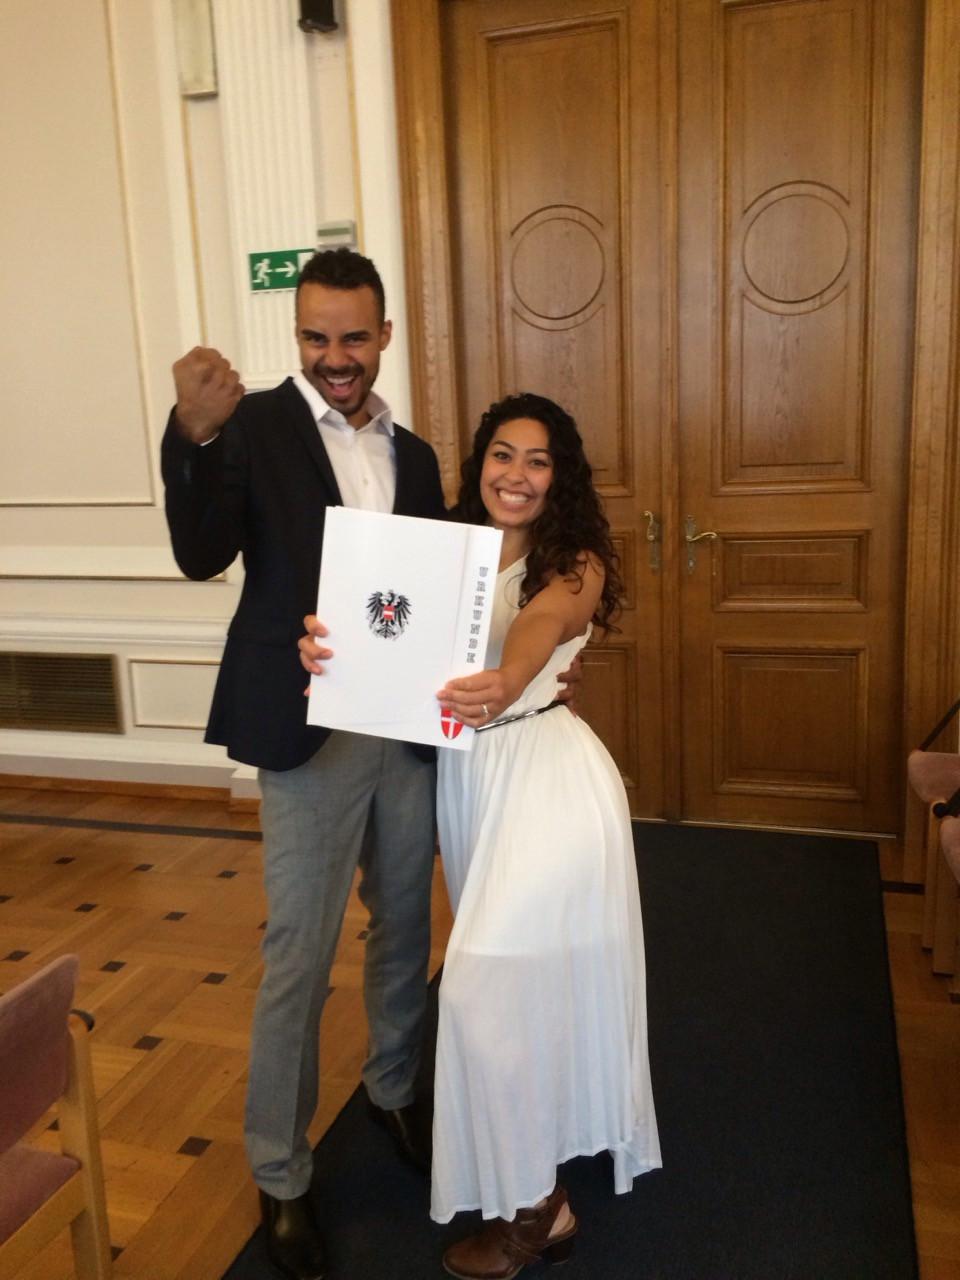 Court wedding